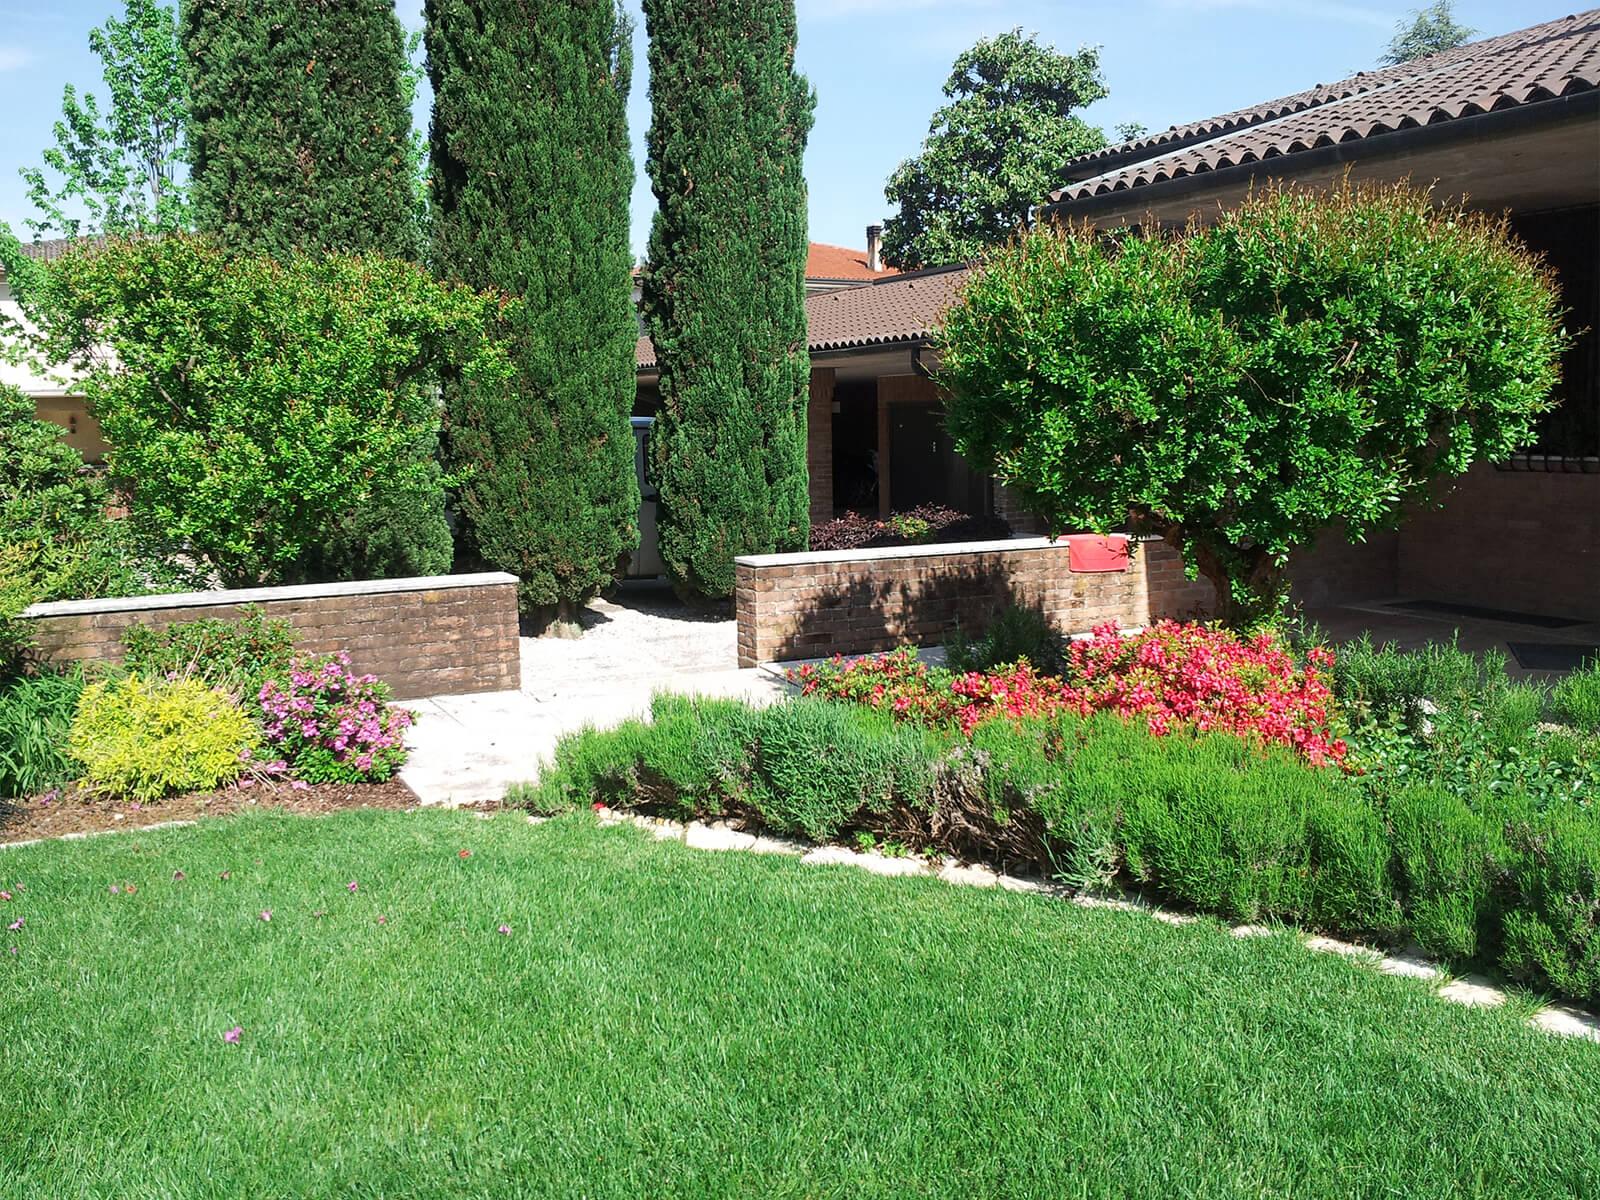 Verdeblu-giardini-progetto28_03